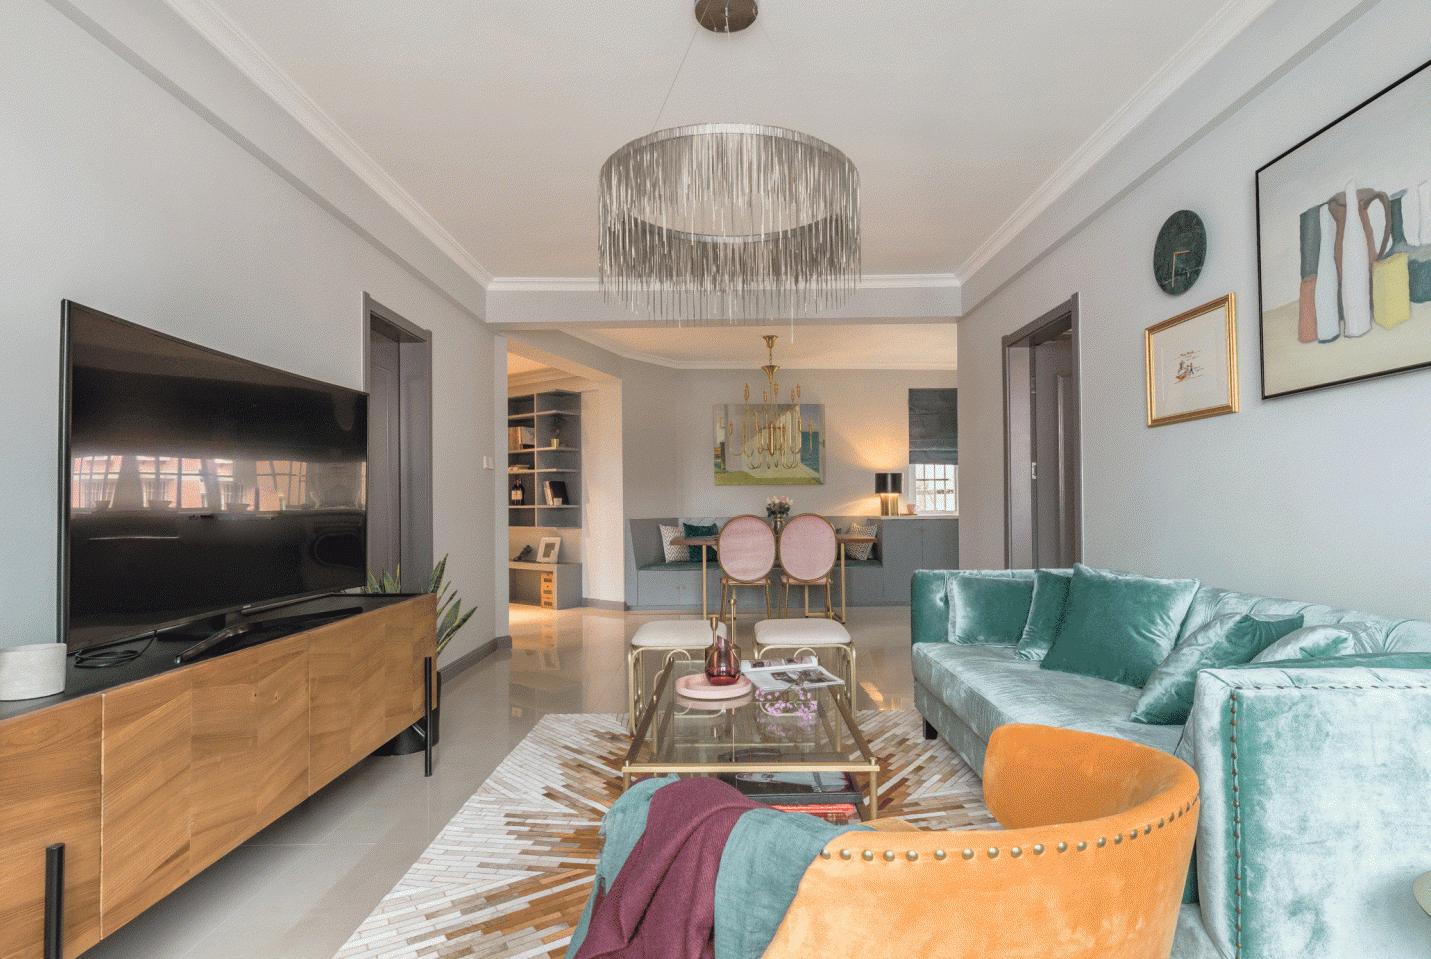 旧房焕新生,设计师不仅设计了家,更是赋予了家灵性!